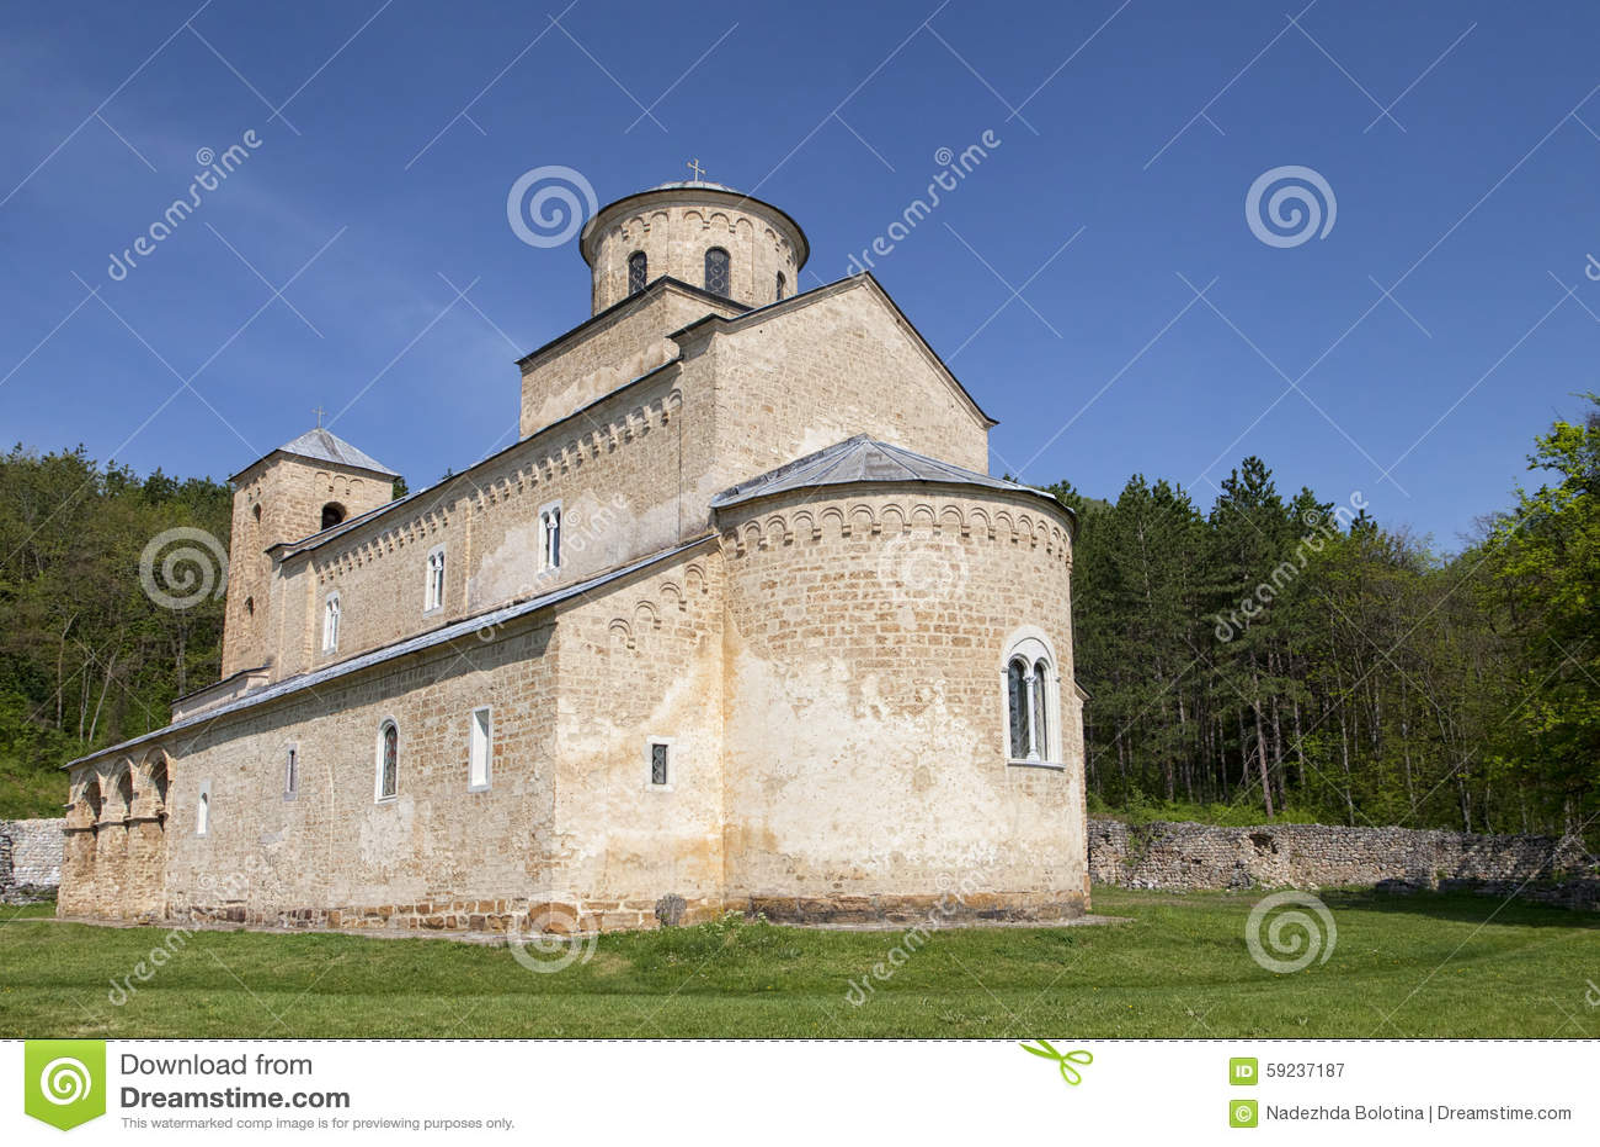 Download Monasterio Sopocani imagen de archivo. Imagen de piedra - 59237187